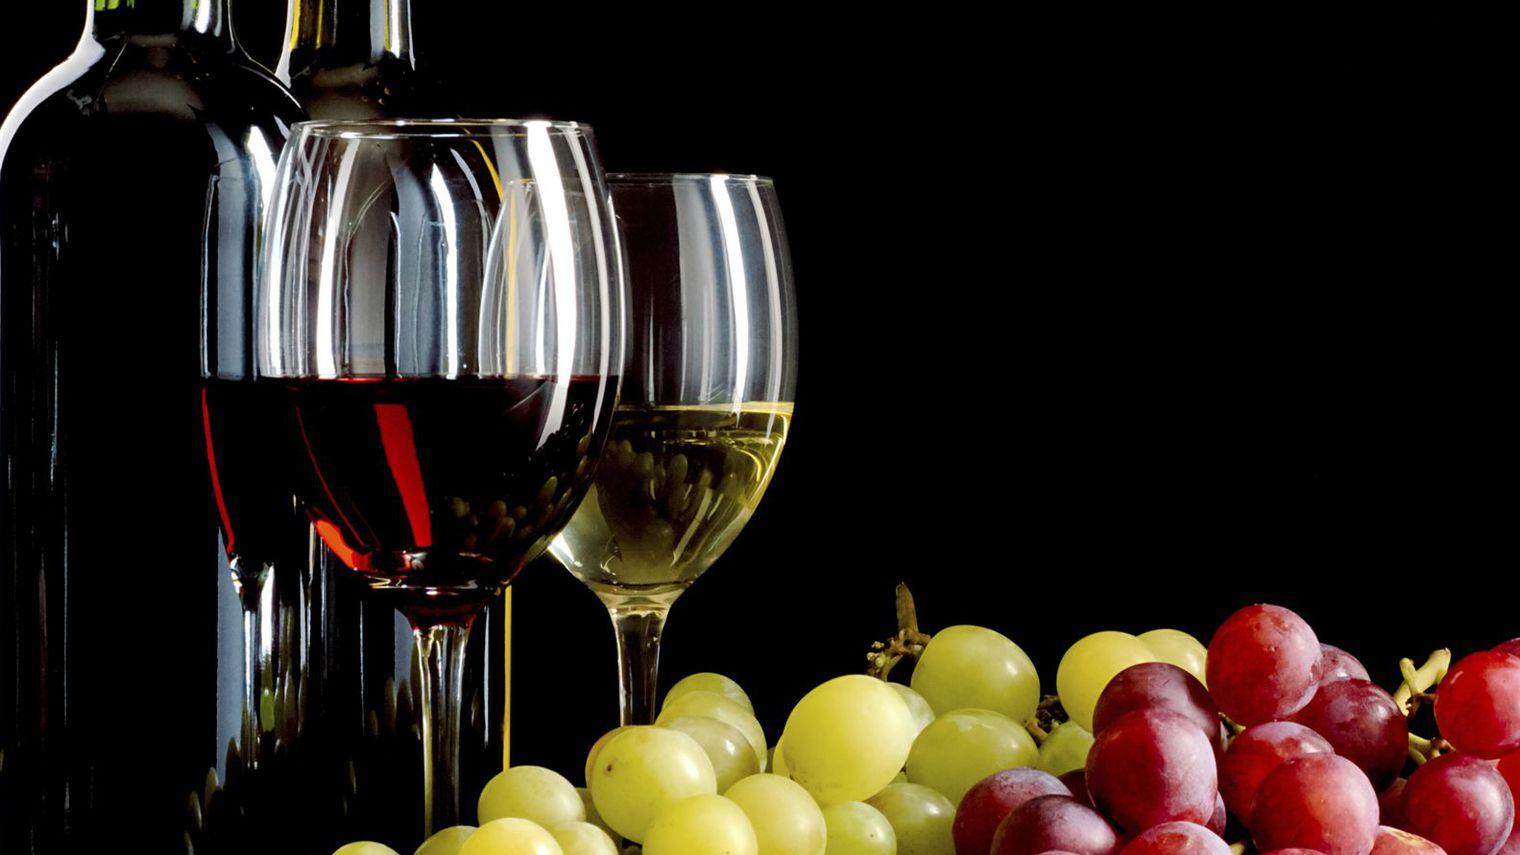 Achat vin, la solution idéale pour ne jamais être à court